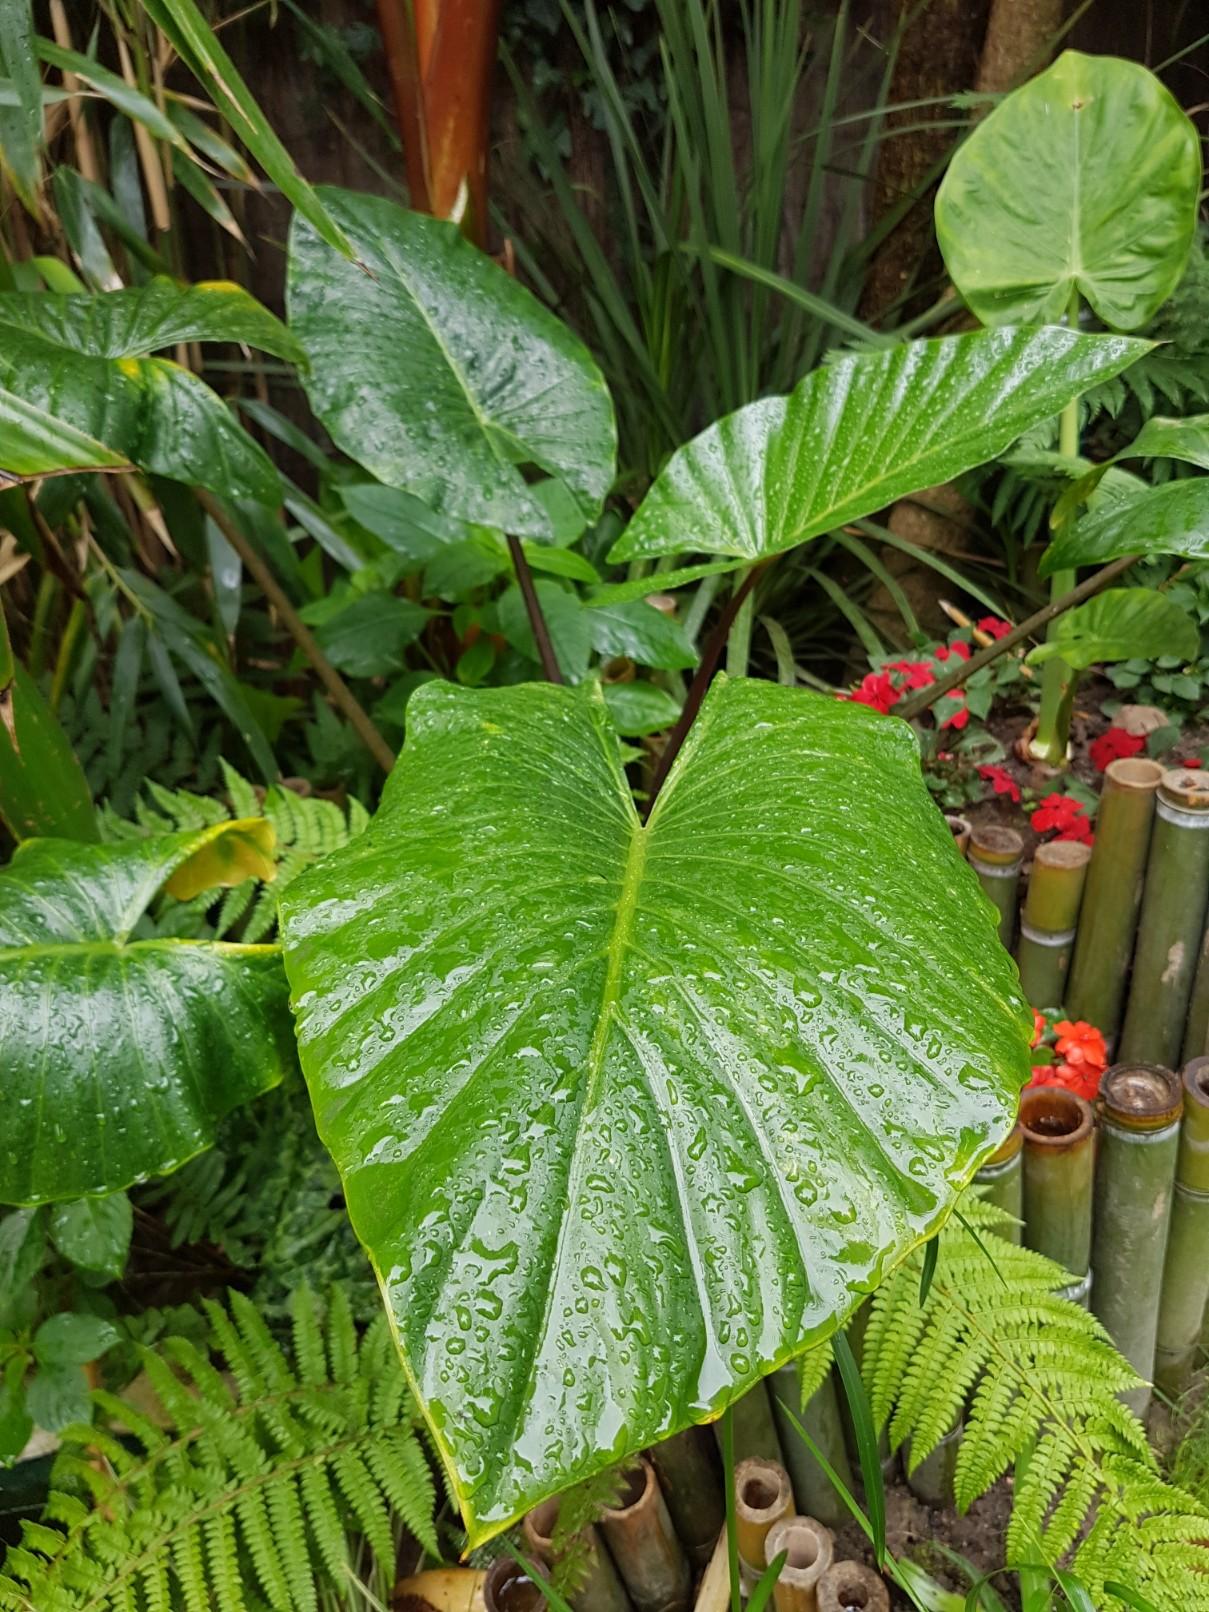 Rémi - Mon (tout) petit jardin en mode tropical - Page 7 20180628